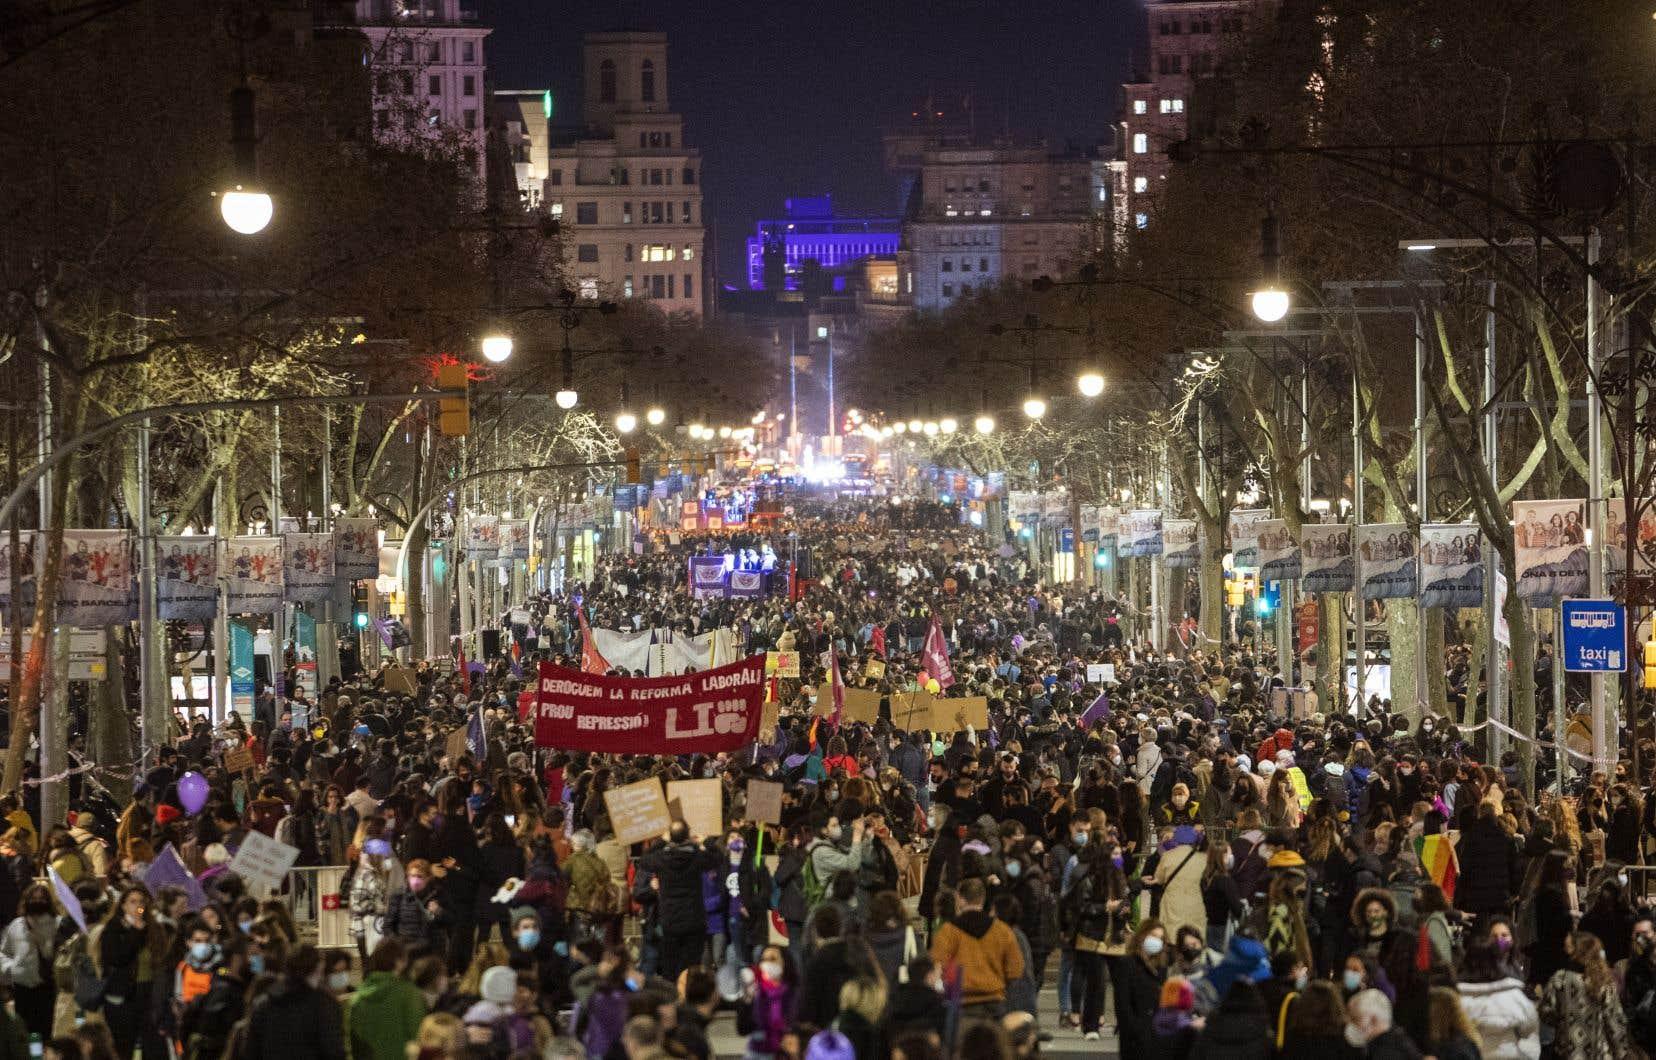 Des dizaines de milliers de femmes, bravant la COVID-19, se sont mobilisées lundi pour défendre leurs droits à travers le monde, de l'Amérique latine à l'Europe en passant par l'Asie, à l'occasion de la Journée internationale des droits des femmes.